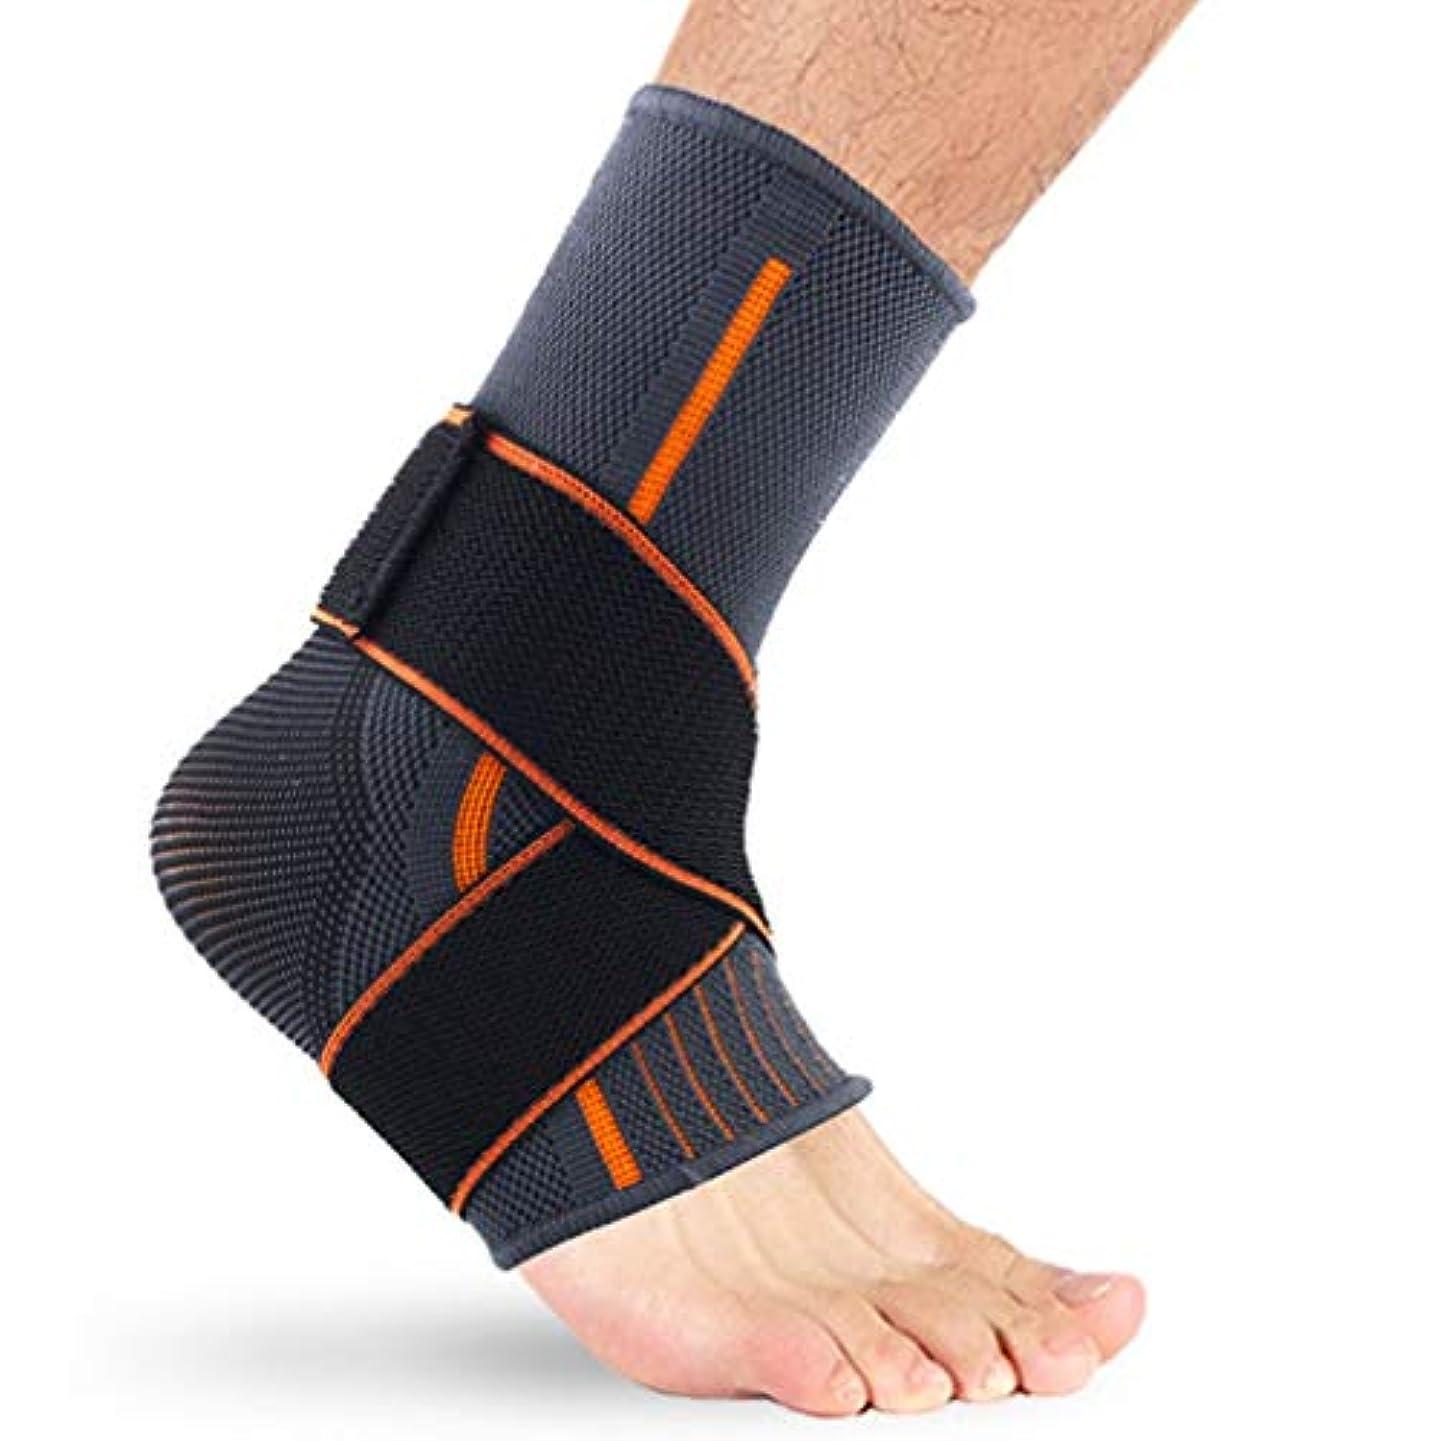 うまれた裁定代理人足首装具サポート、足装具安定装置、弾性スポーツ足首サポート快適なナイロン保護スポーツ足首装置